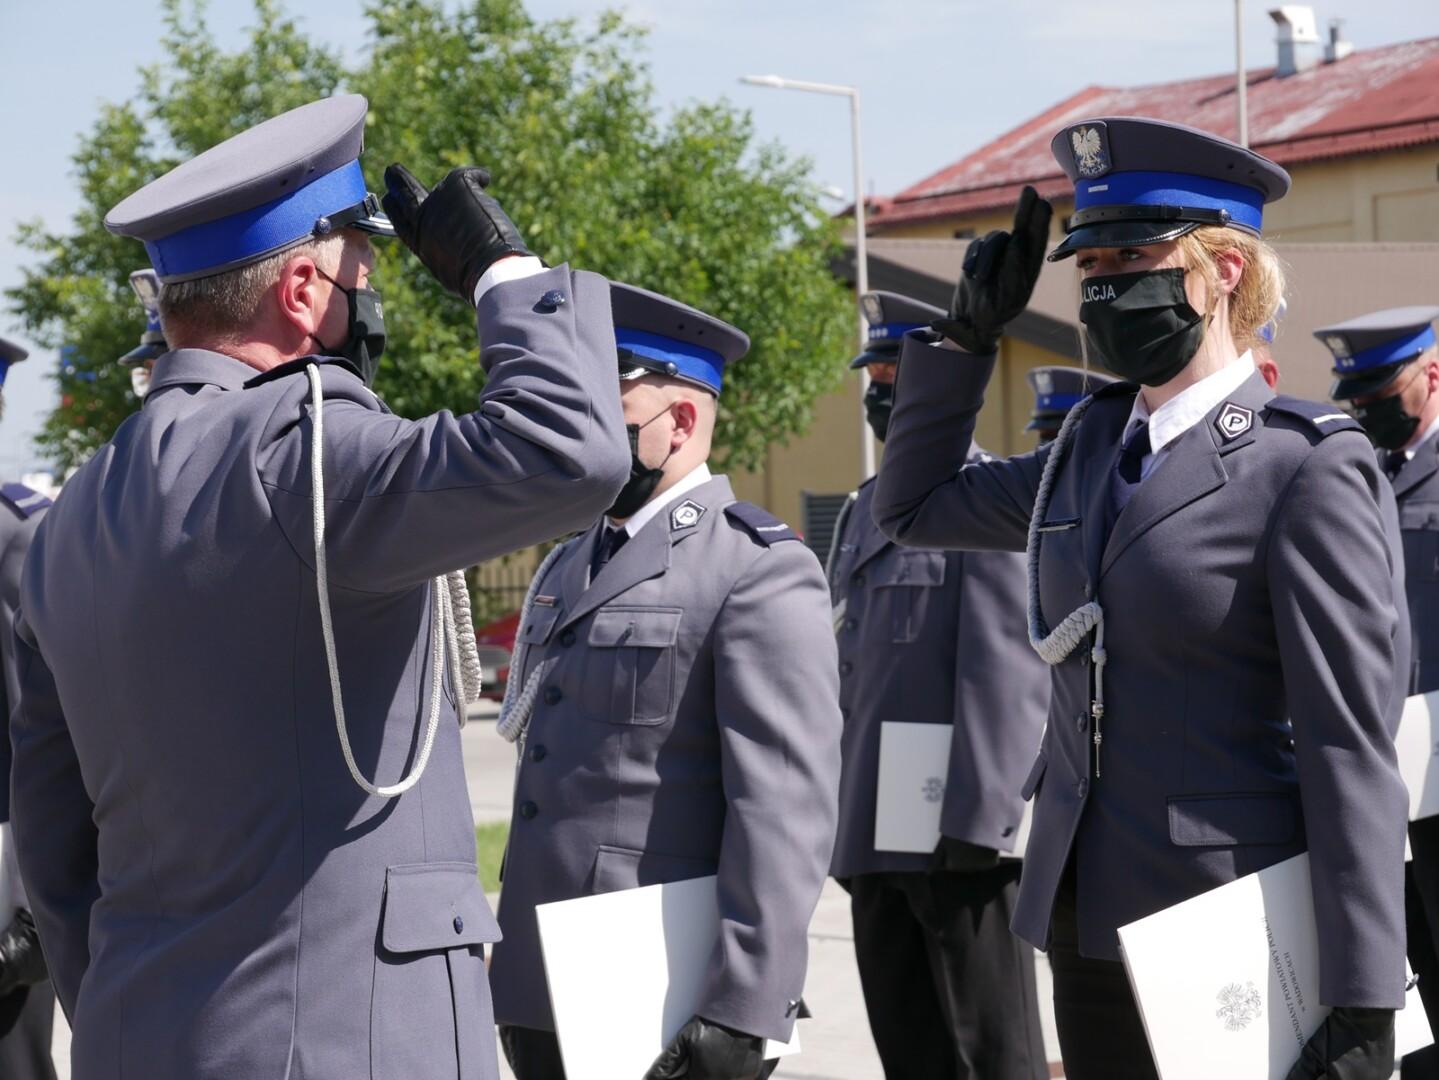 wręczenie awansów podczas tegorocznych obchodów Święta Policji w Wadowicach